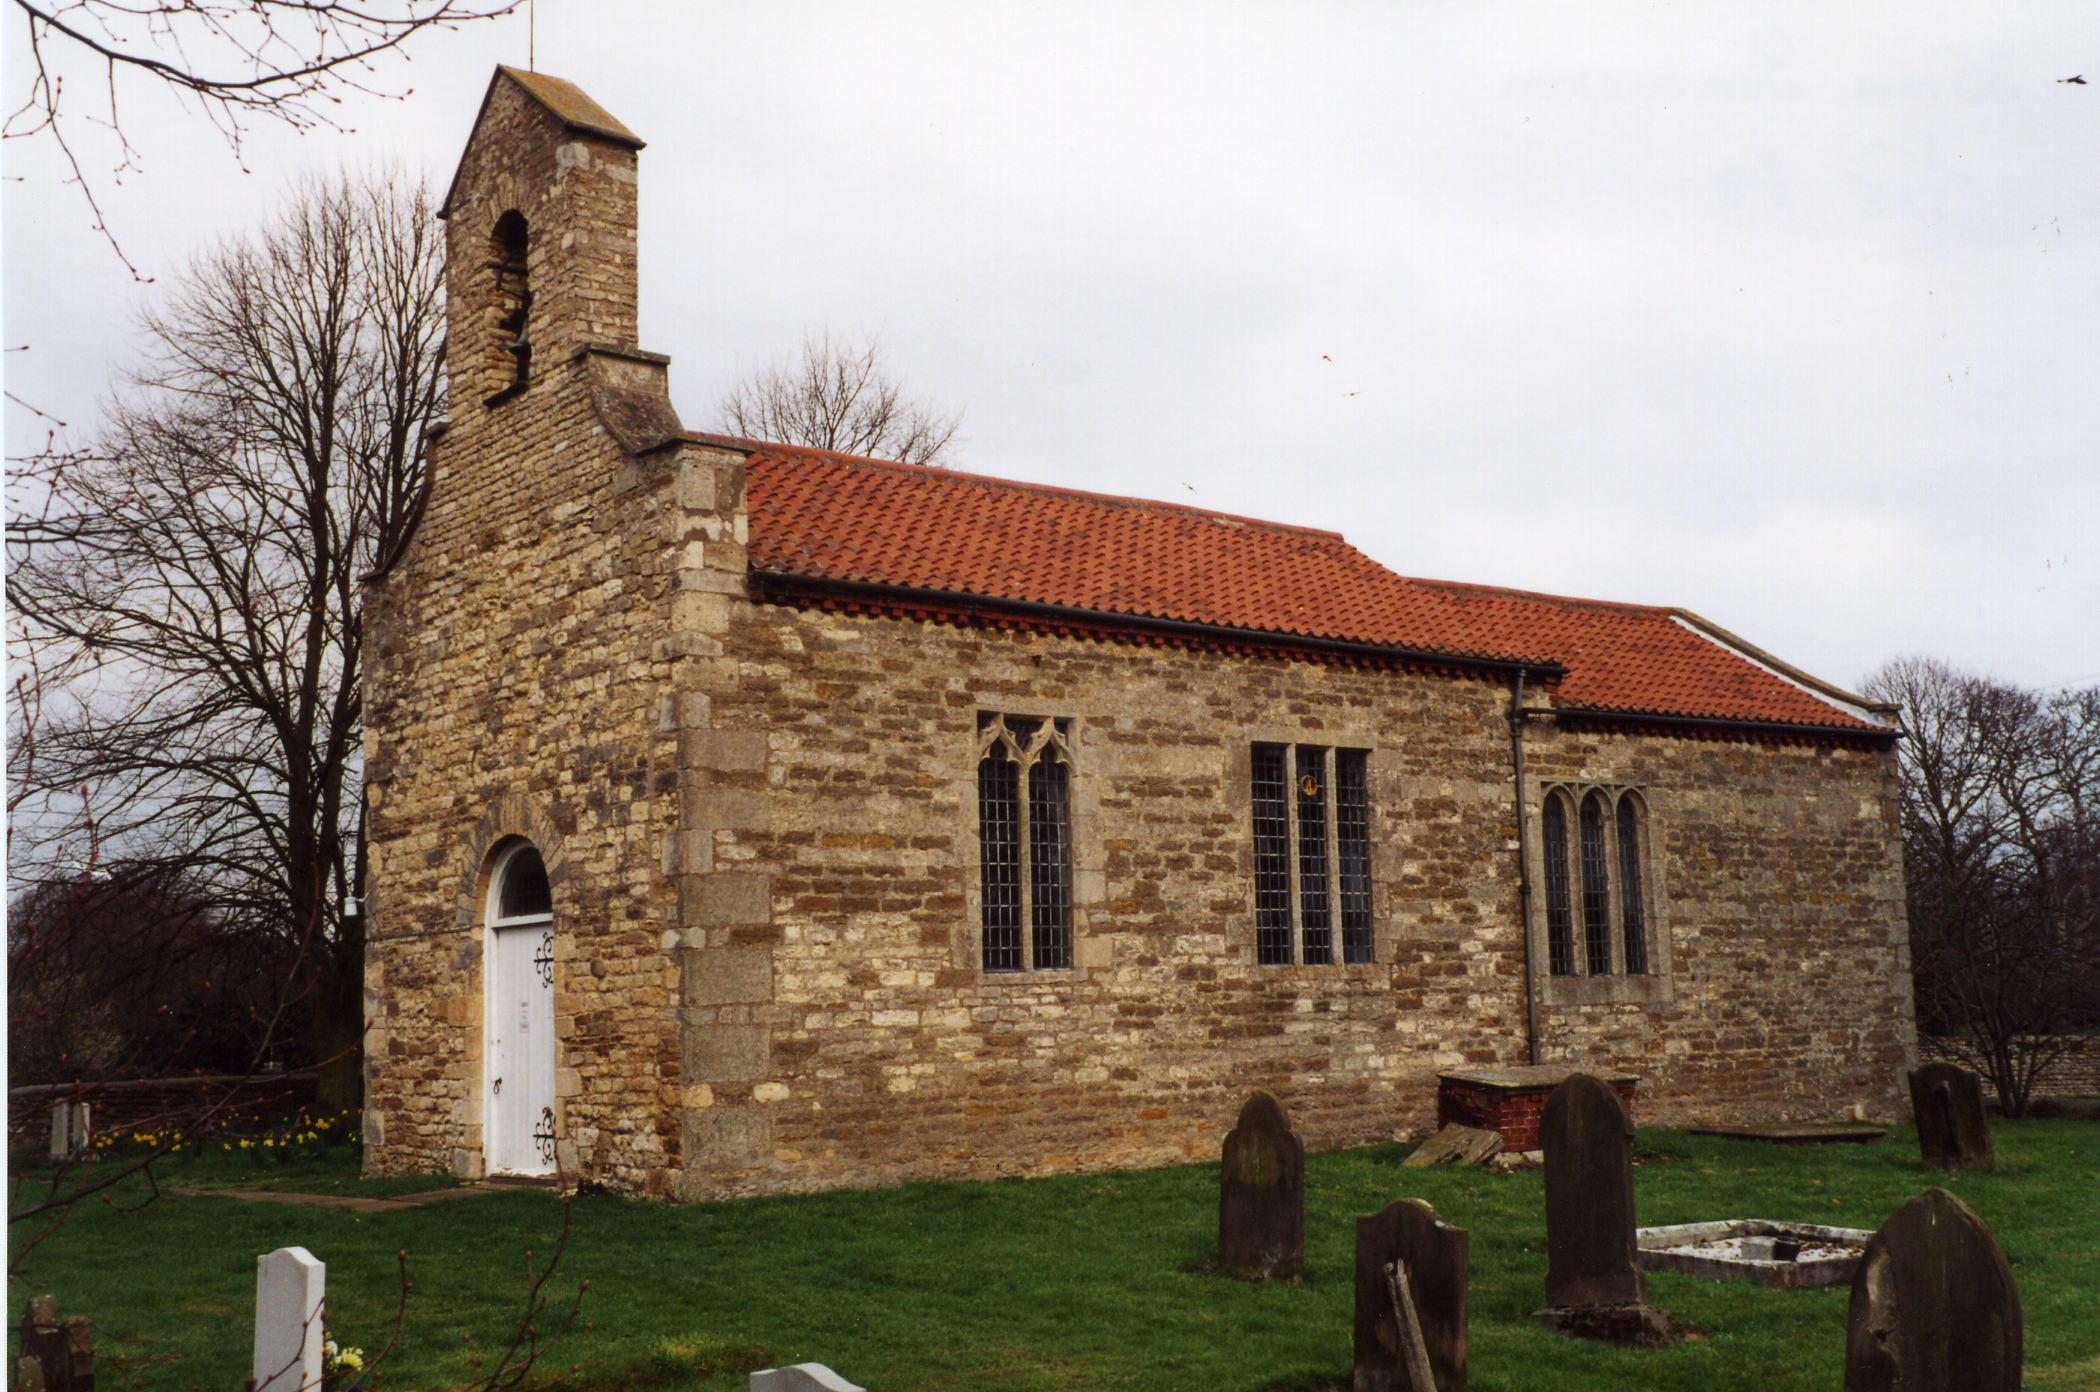 Cammeringhham St. Michael parish church